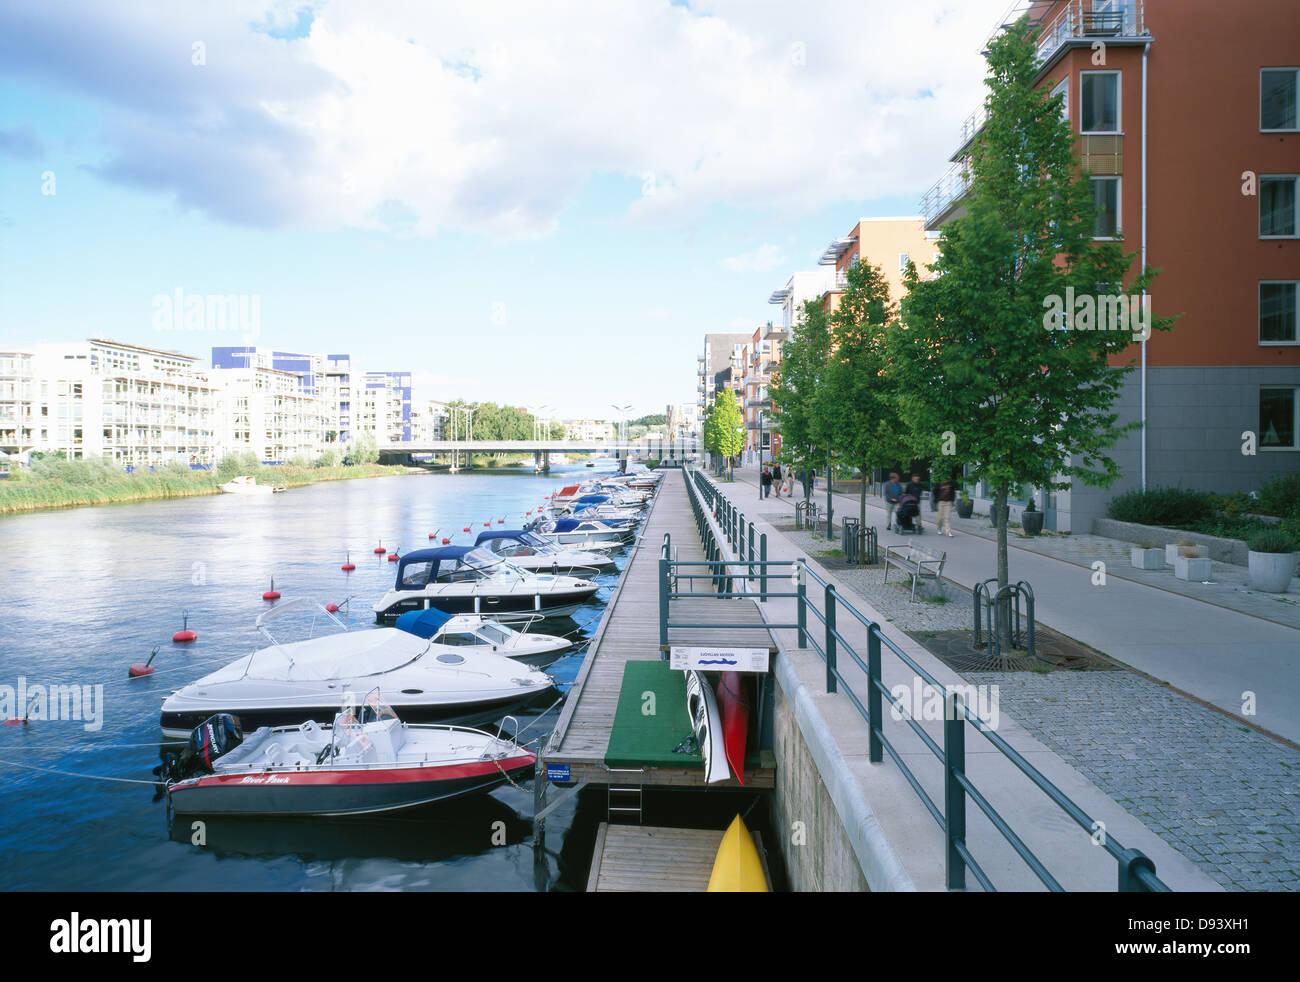 Marinan Hammarby Sjöstad